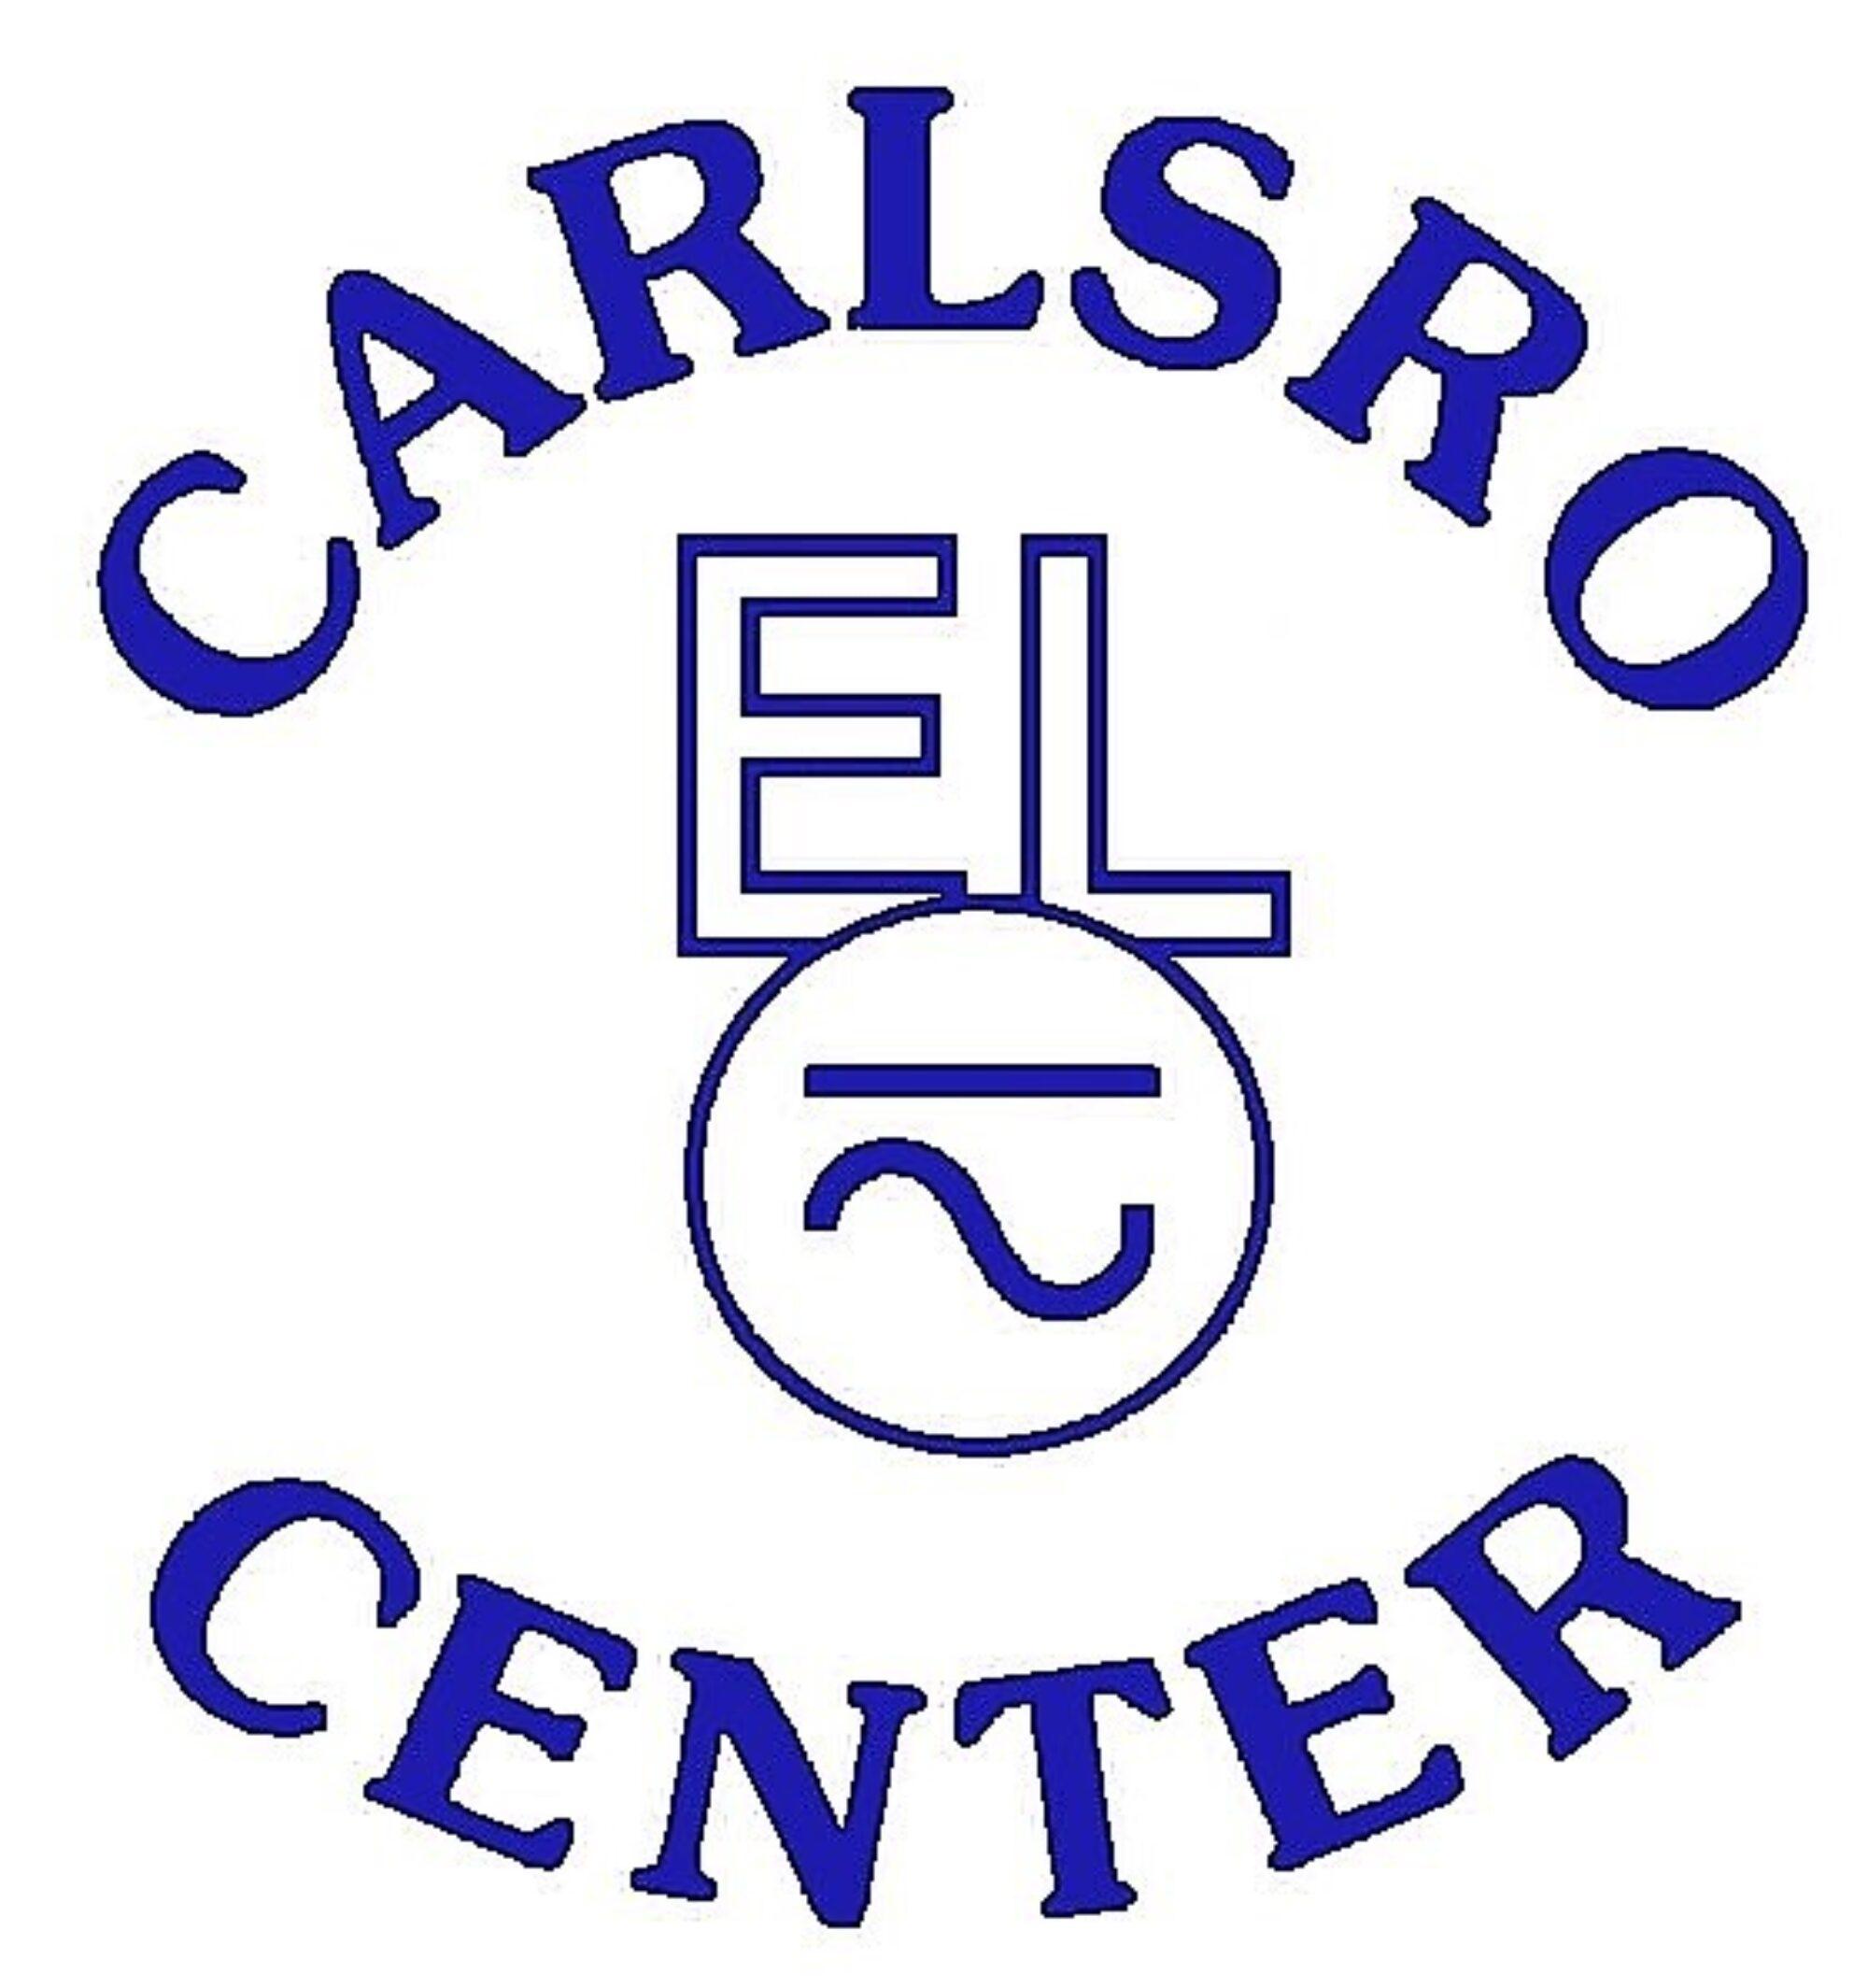 Carlsro El Center